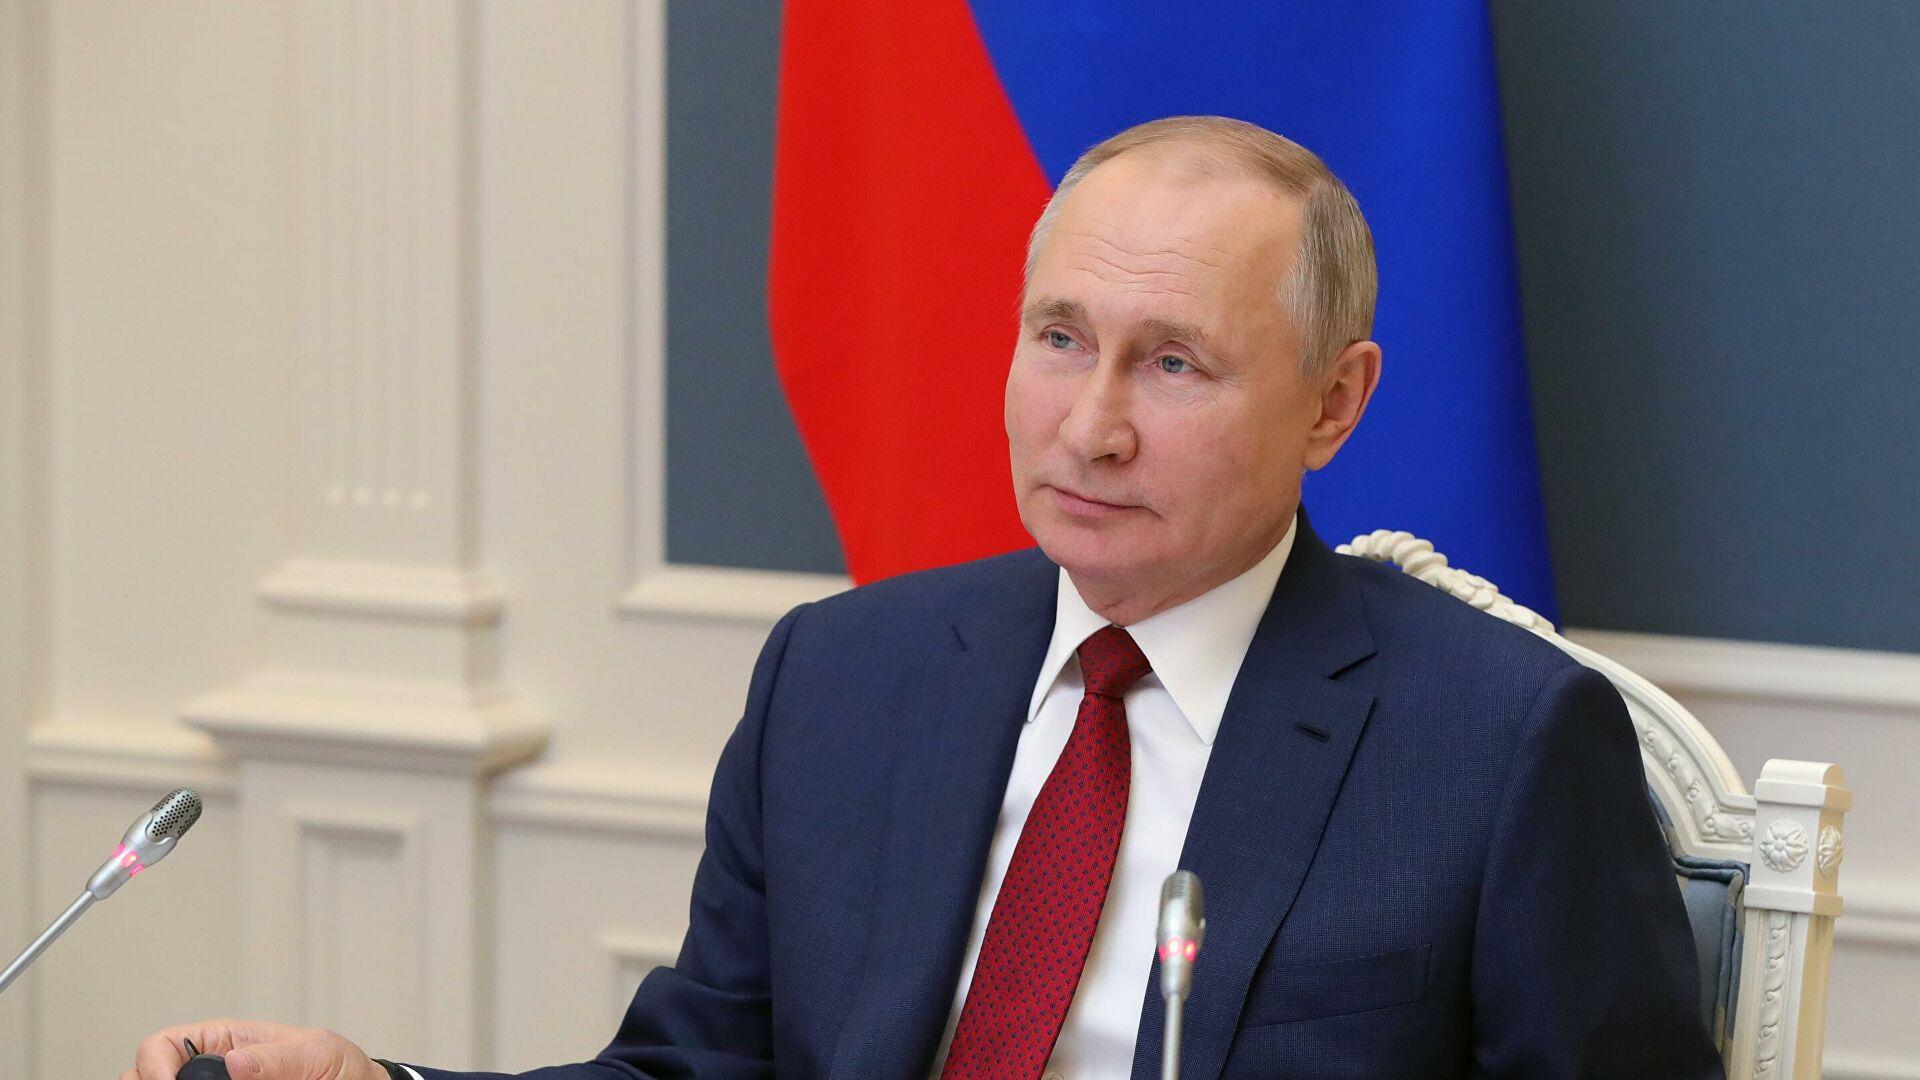 Путин: Заиста се надам да је глобални сукоб немогућ, то би значило крај цивилизације